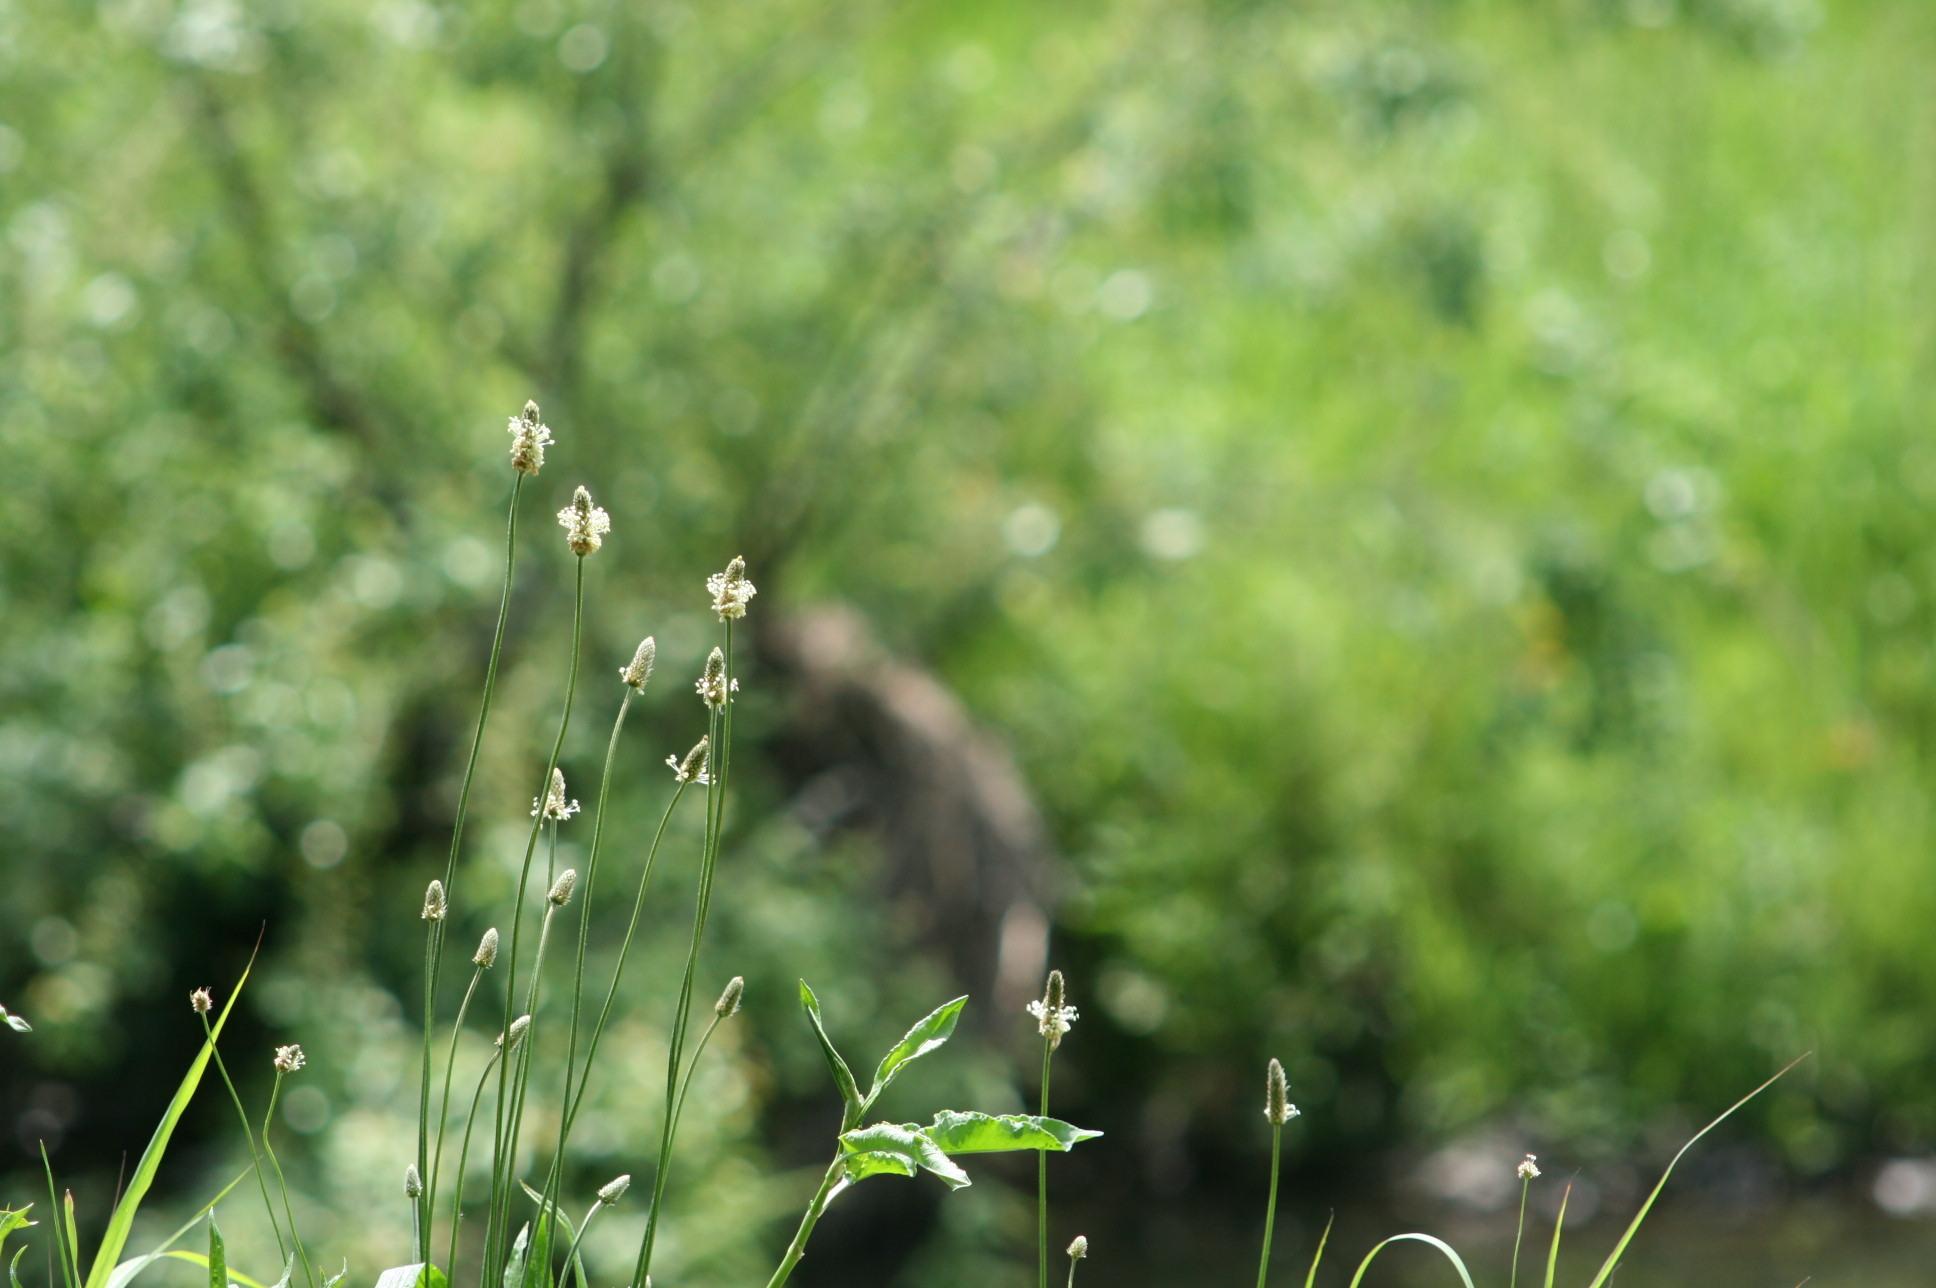 野の花の美しさな 話(^^♪_f0195711_09082275.jpg